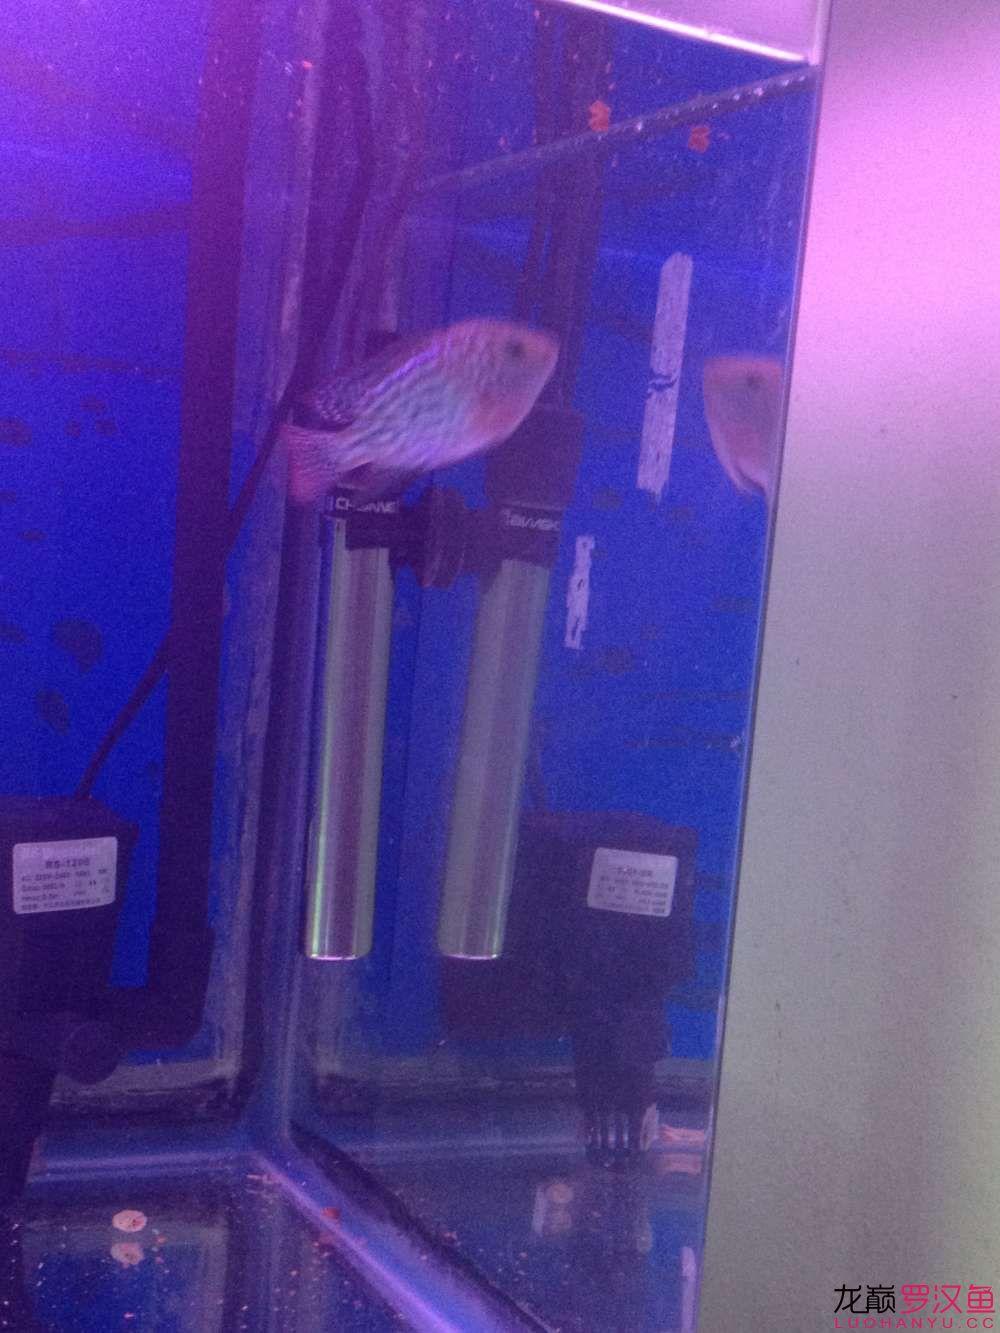 【西安哪个水族店有飞凤鱼】求判断这鱼苗有希望吗?? 西安观赏鱼信息 西安博特第2张